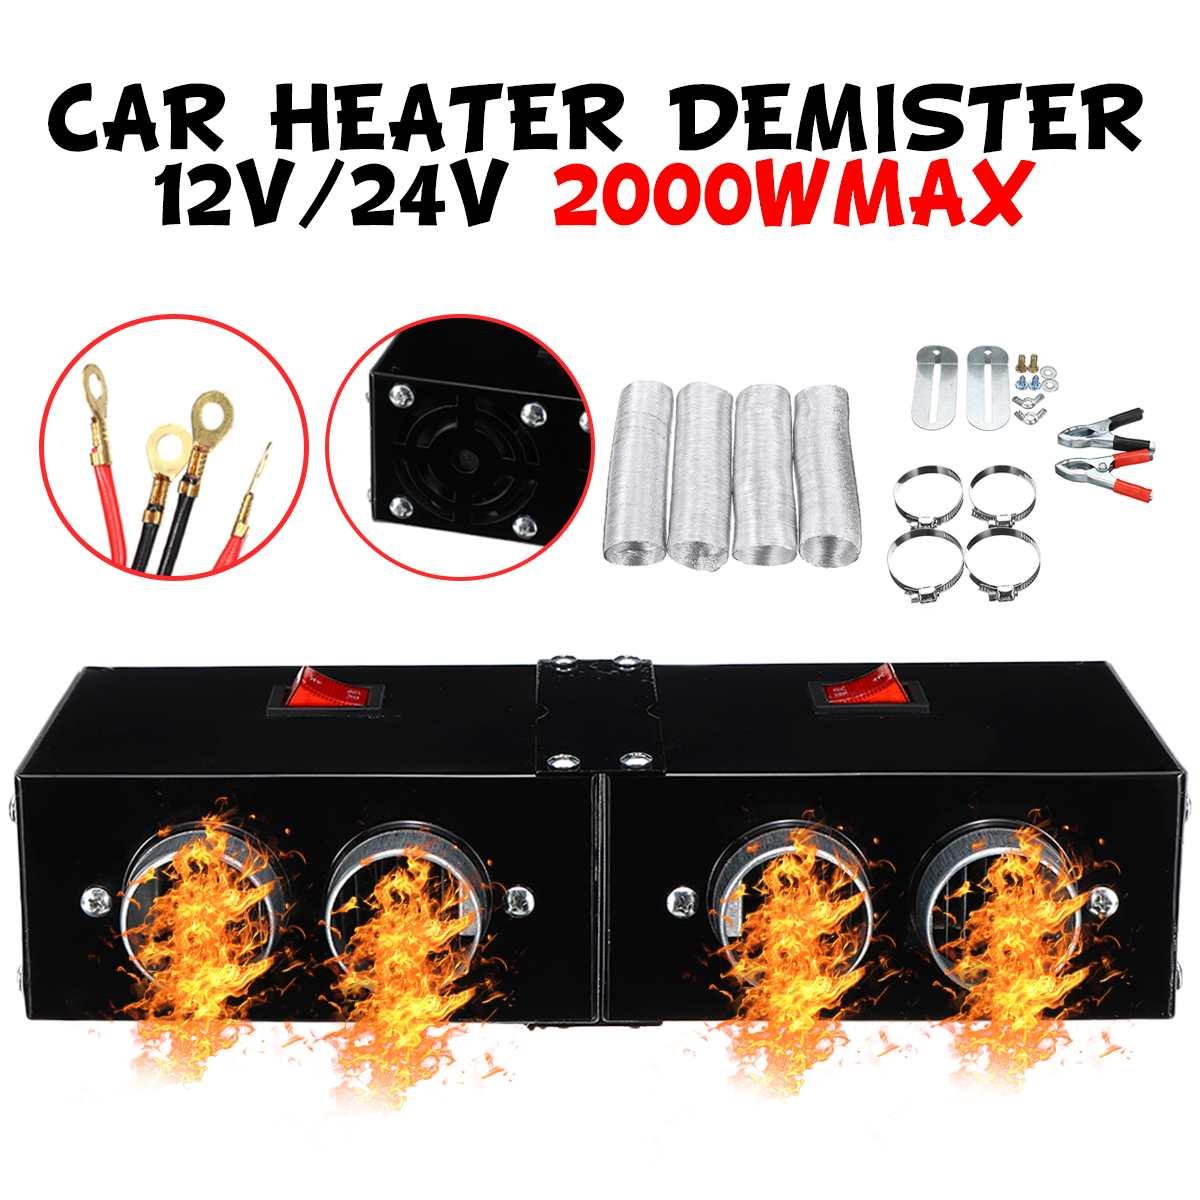 Автомобильный обогреватель 2000 Вт, 12 В/24 В, устройство для размораживания, 2/4 отверстий, высокая мощность, противотуманная машина, автомобиль...